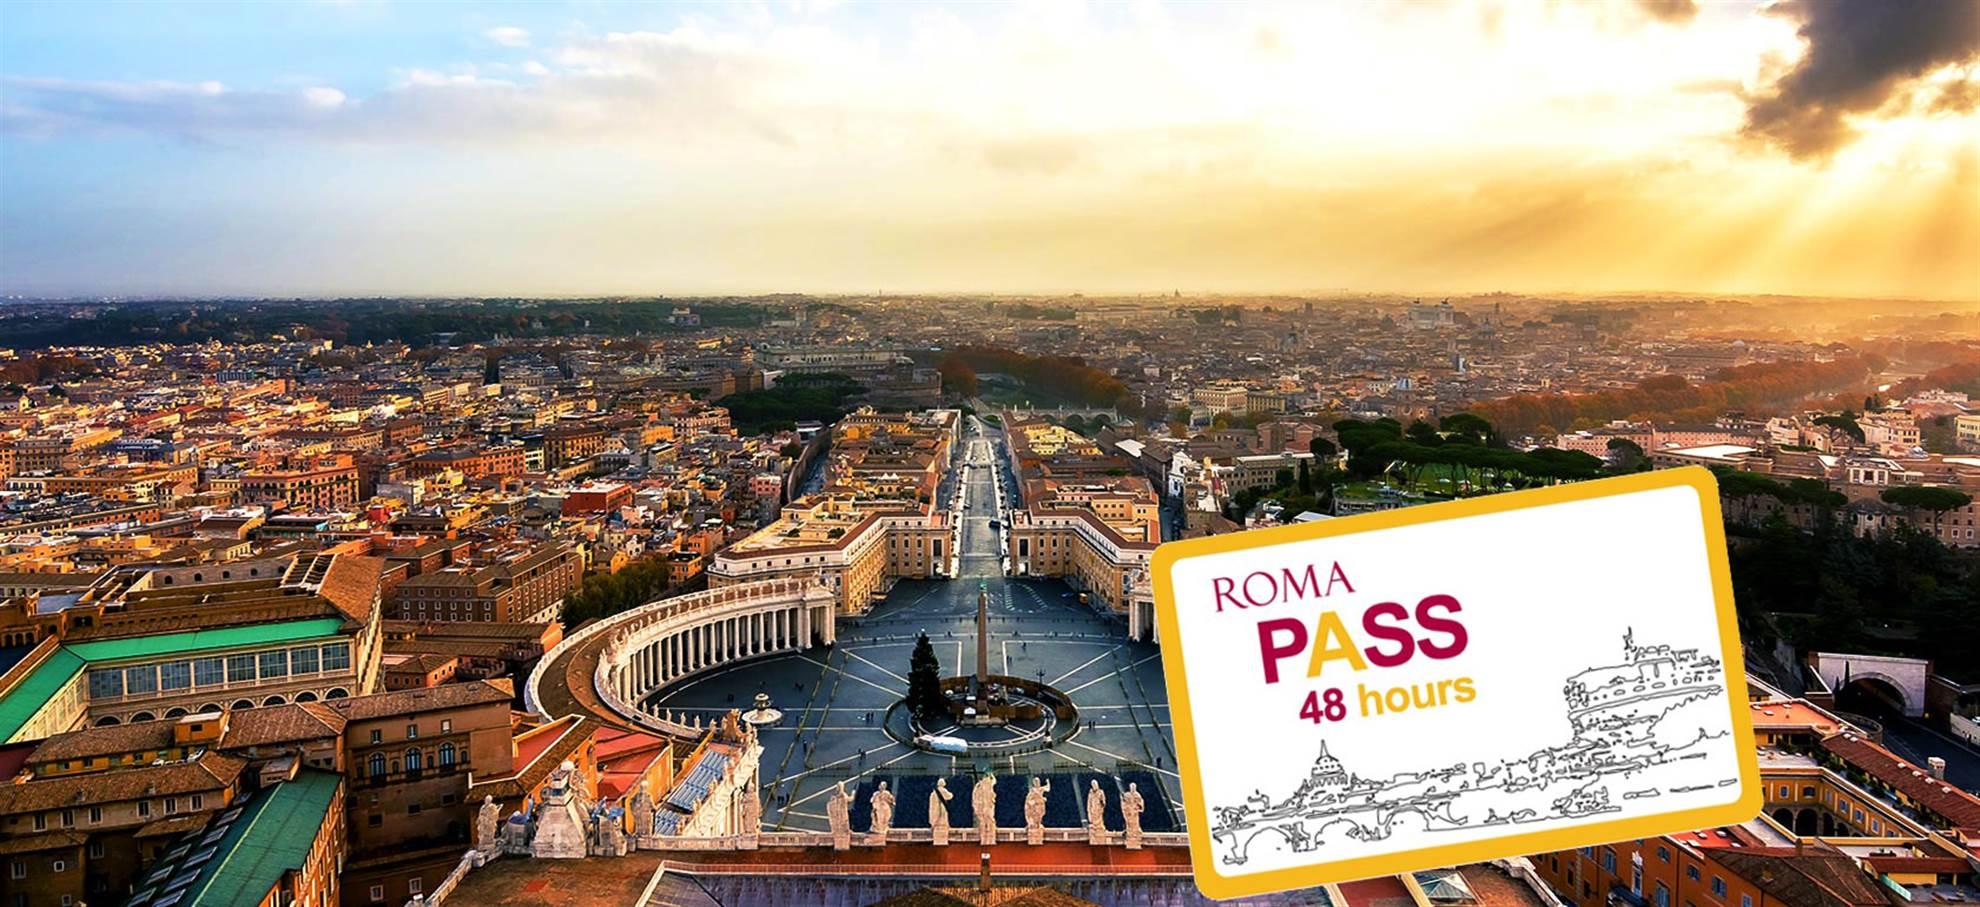 Roma Pass 48h (Bilhetes que evitam filas para St. Peters -opcional)